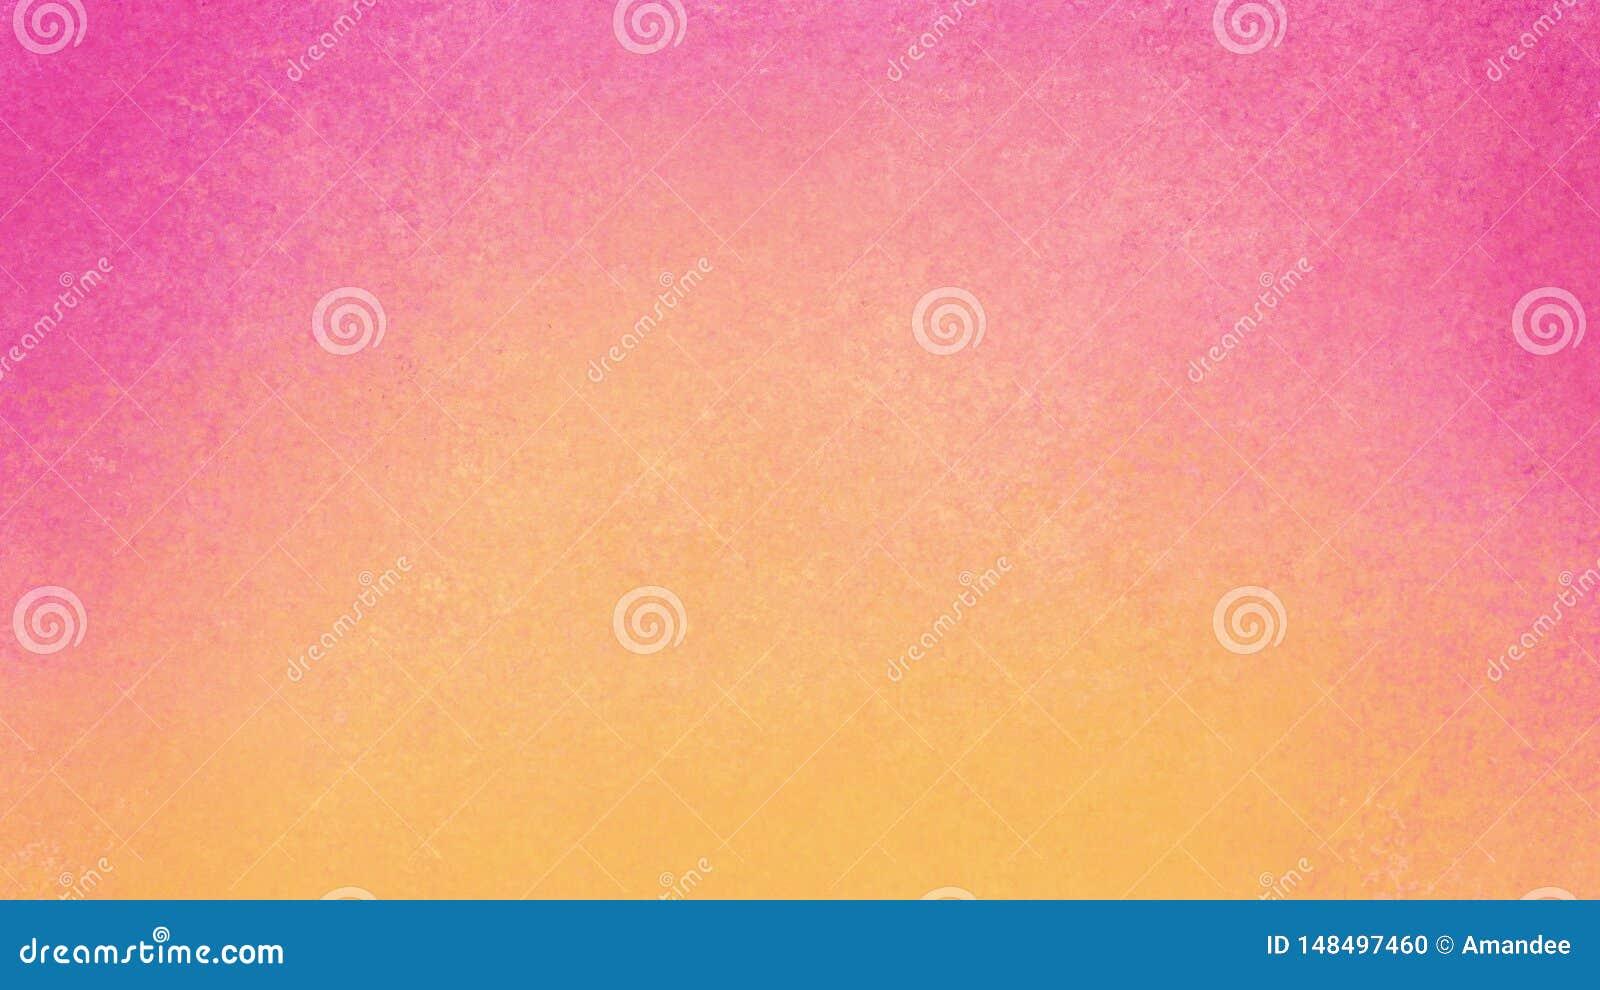 Roze en gele achtergrond met oude uitstekende textuur in kleurrijk abstract ontwerp